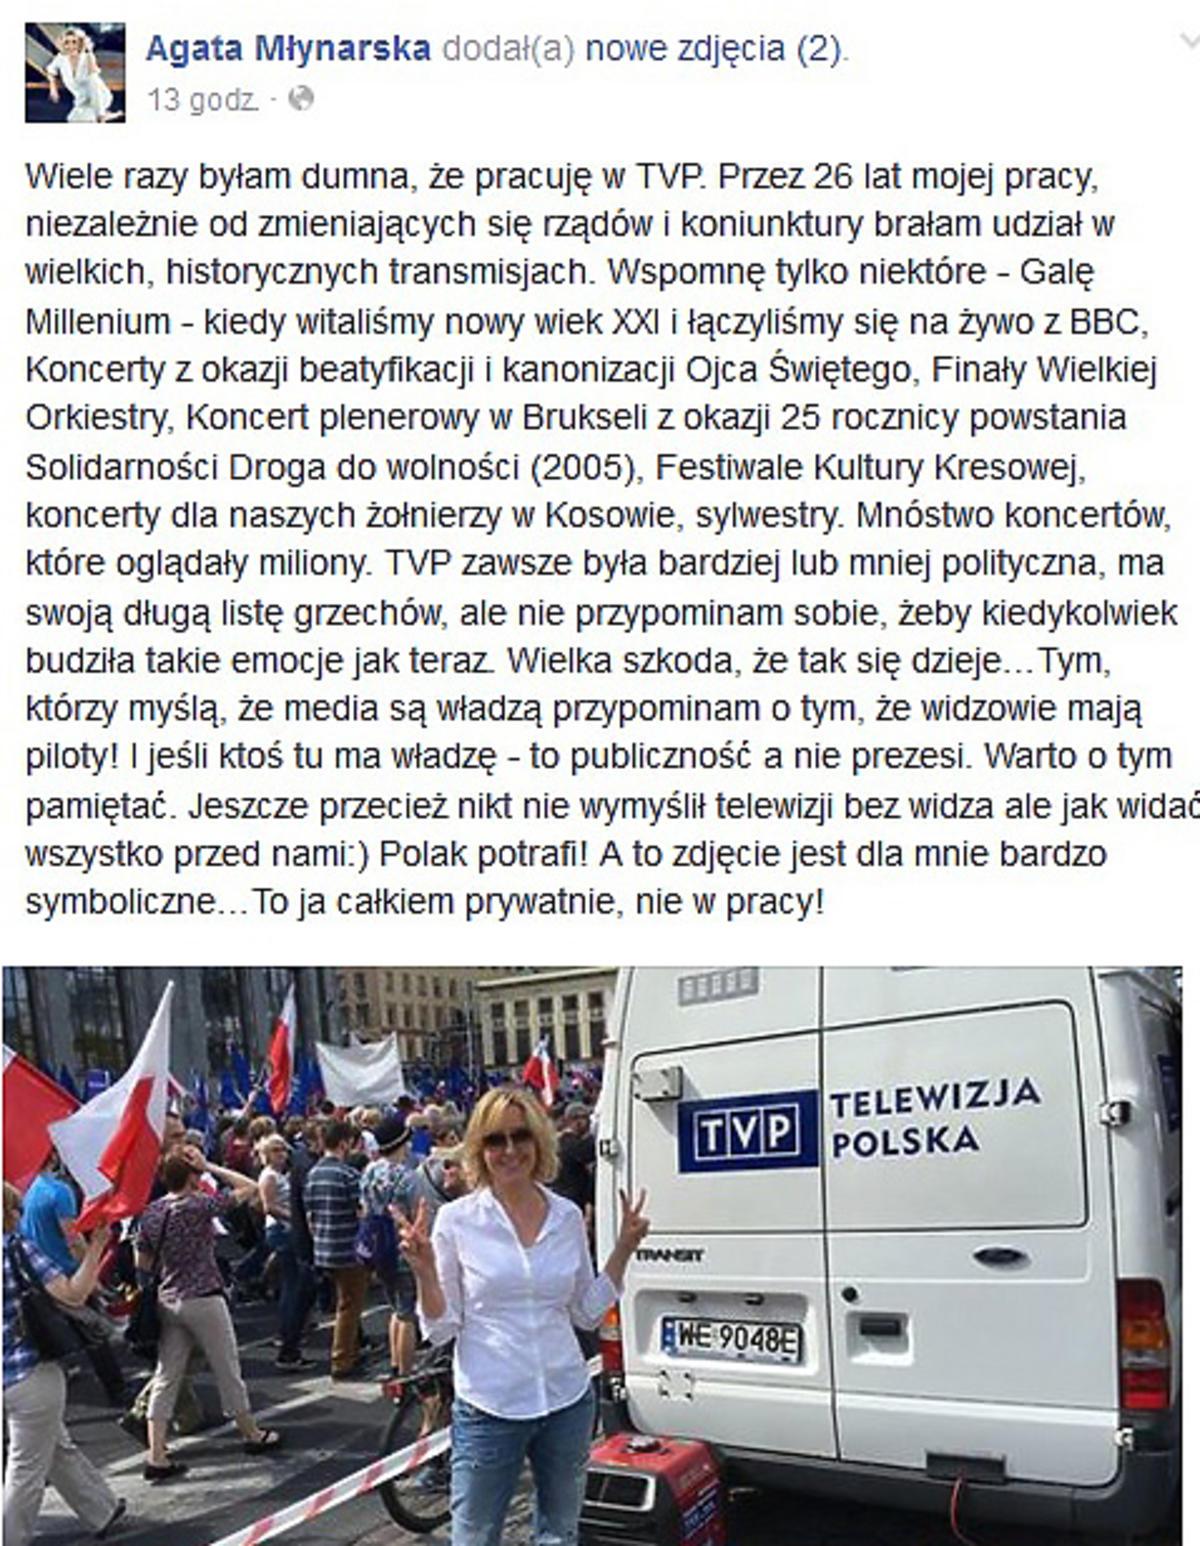 Agata Młynarska krytykuje władze TVP